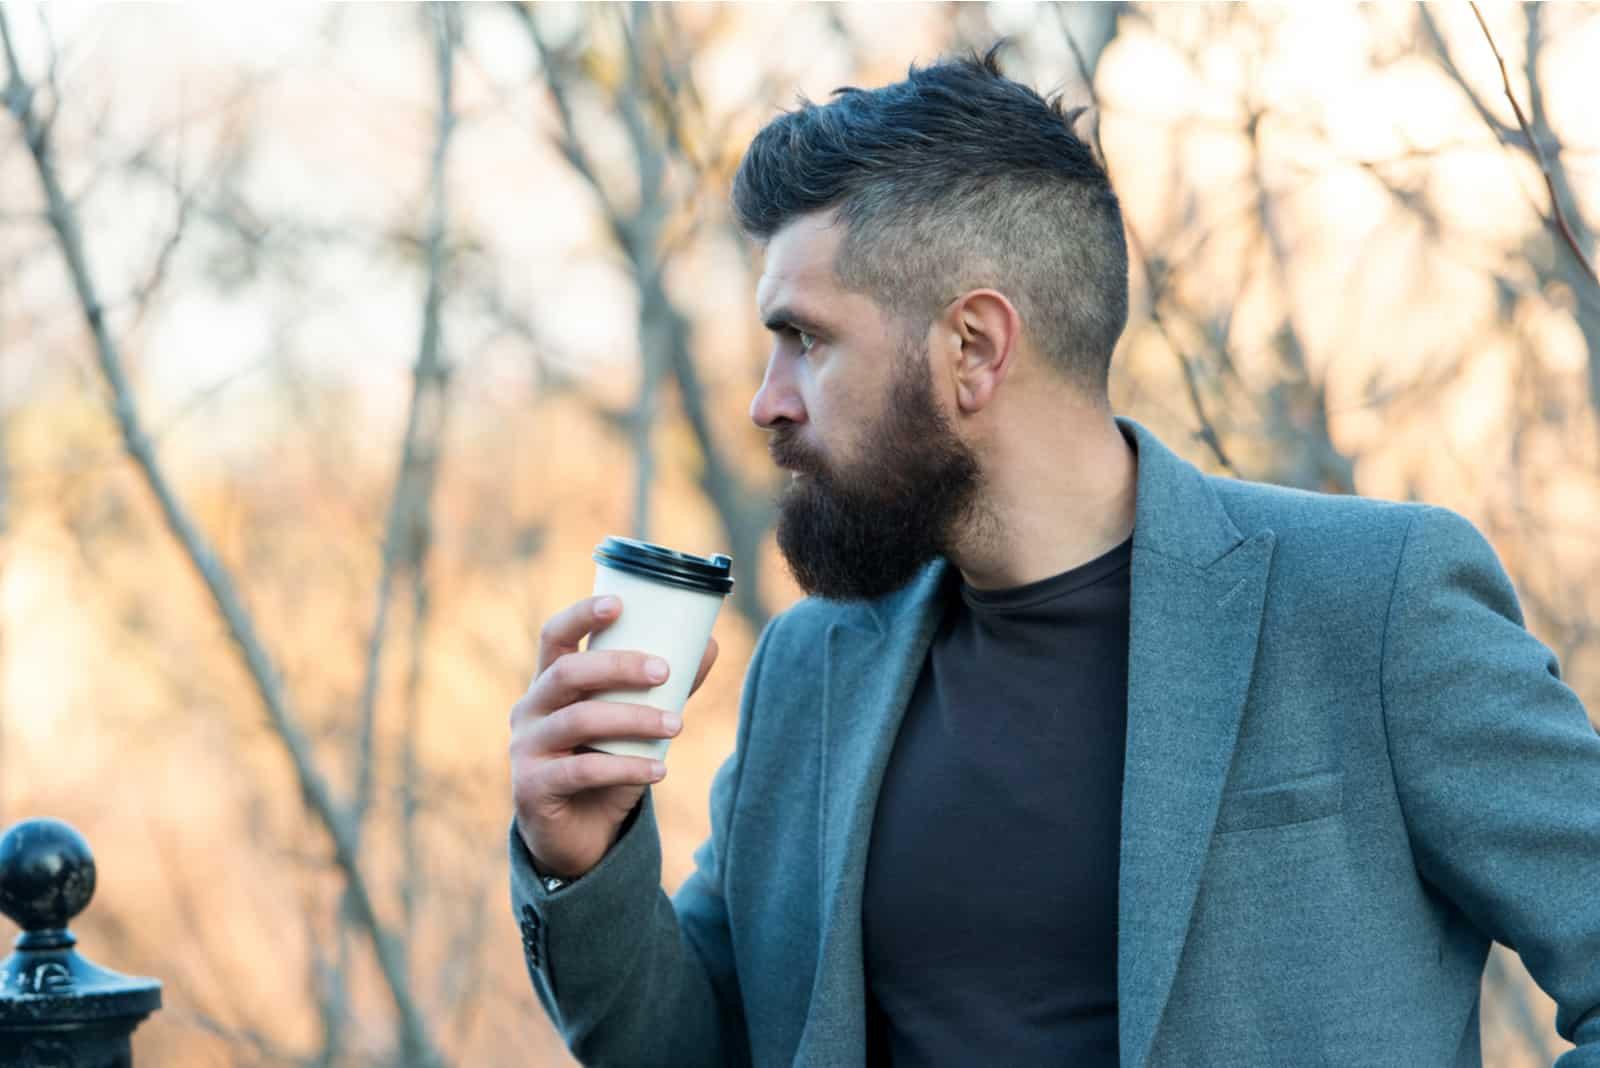 Fundersam mandrink tar bort kaffe